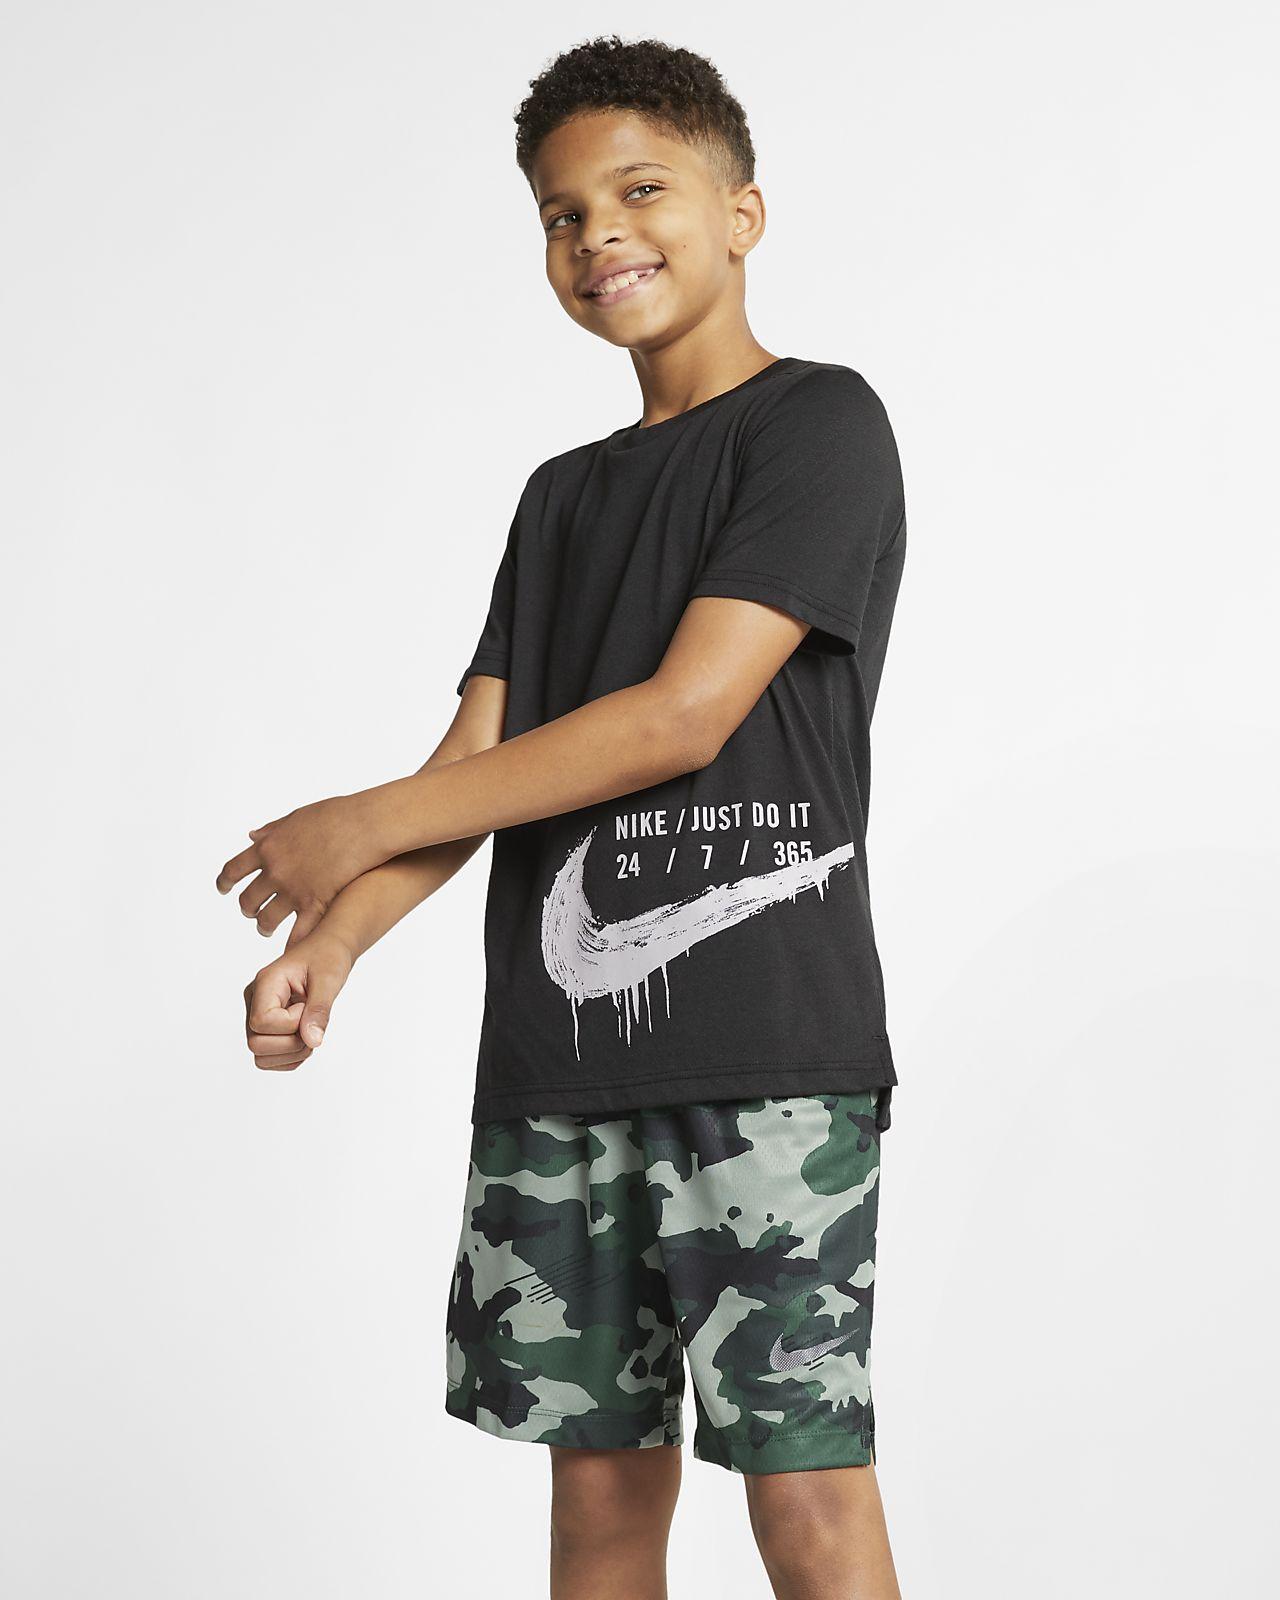 Κοντομάνικη μπλούζα προπόνησης Nike Breathe για μεγάλα παιδιά